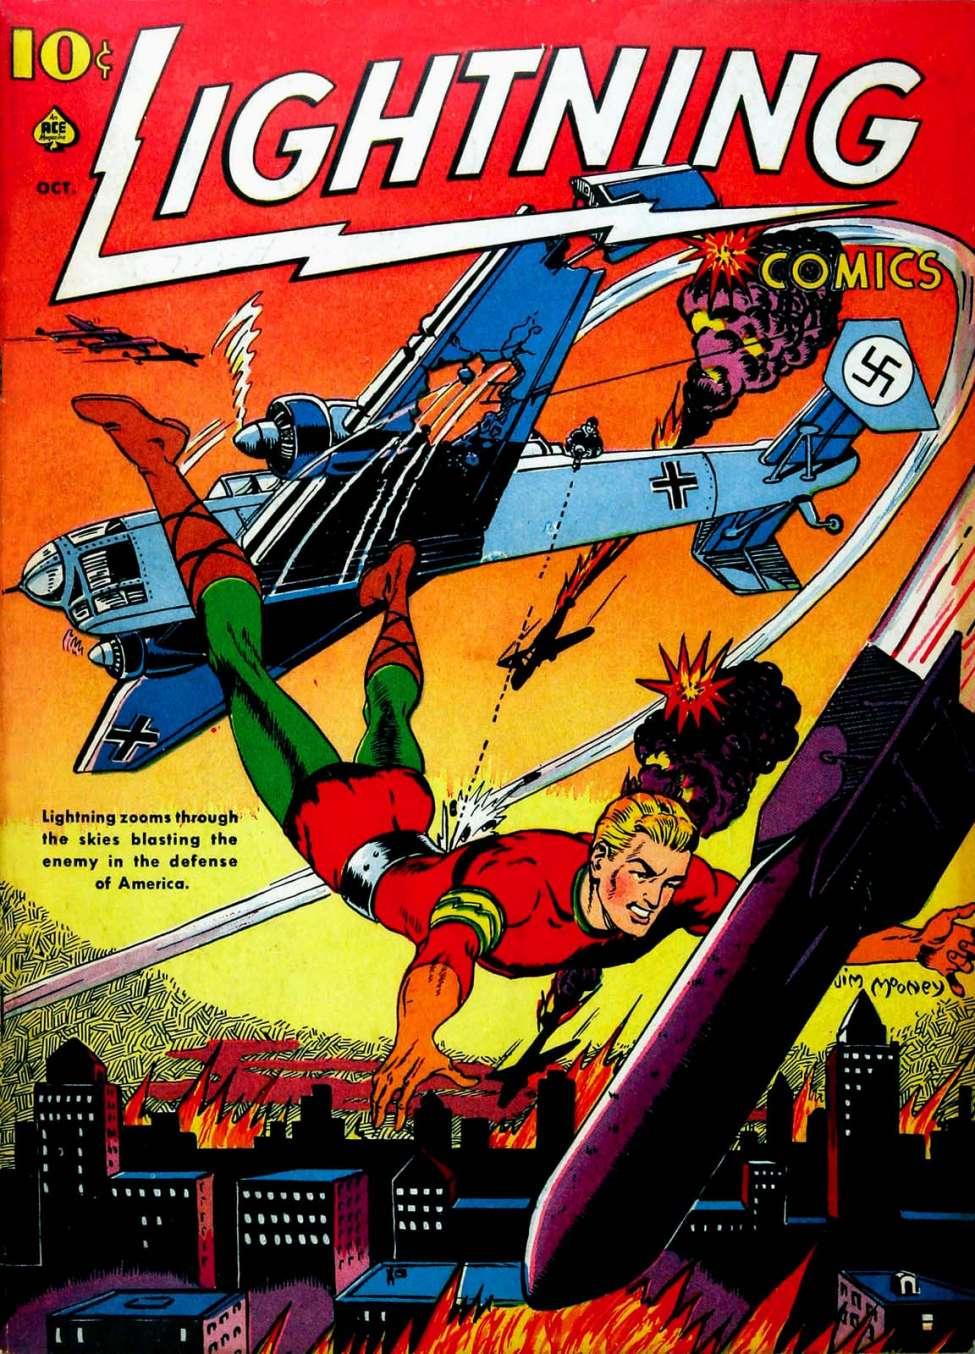 Comic Book Cover For Lightning Comics v2 #3